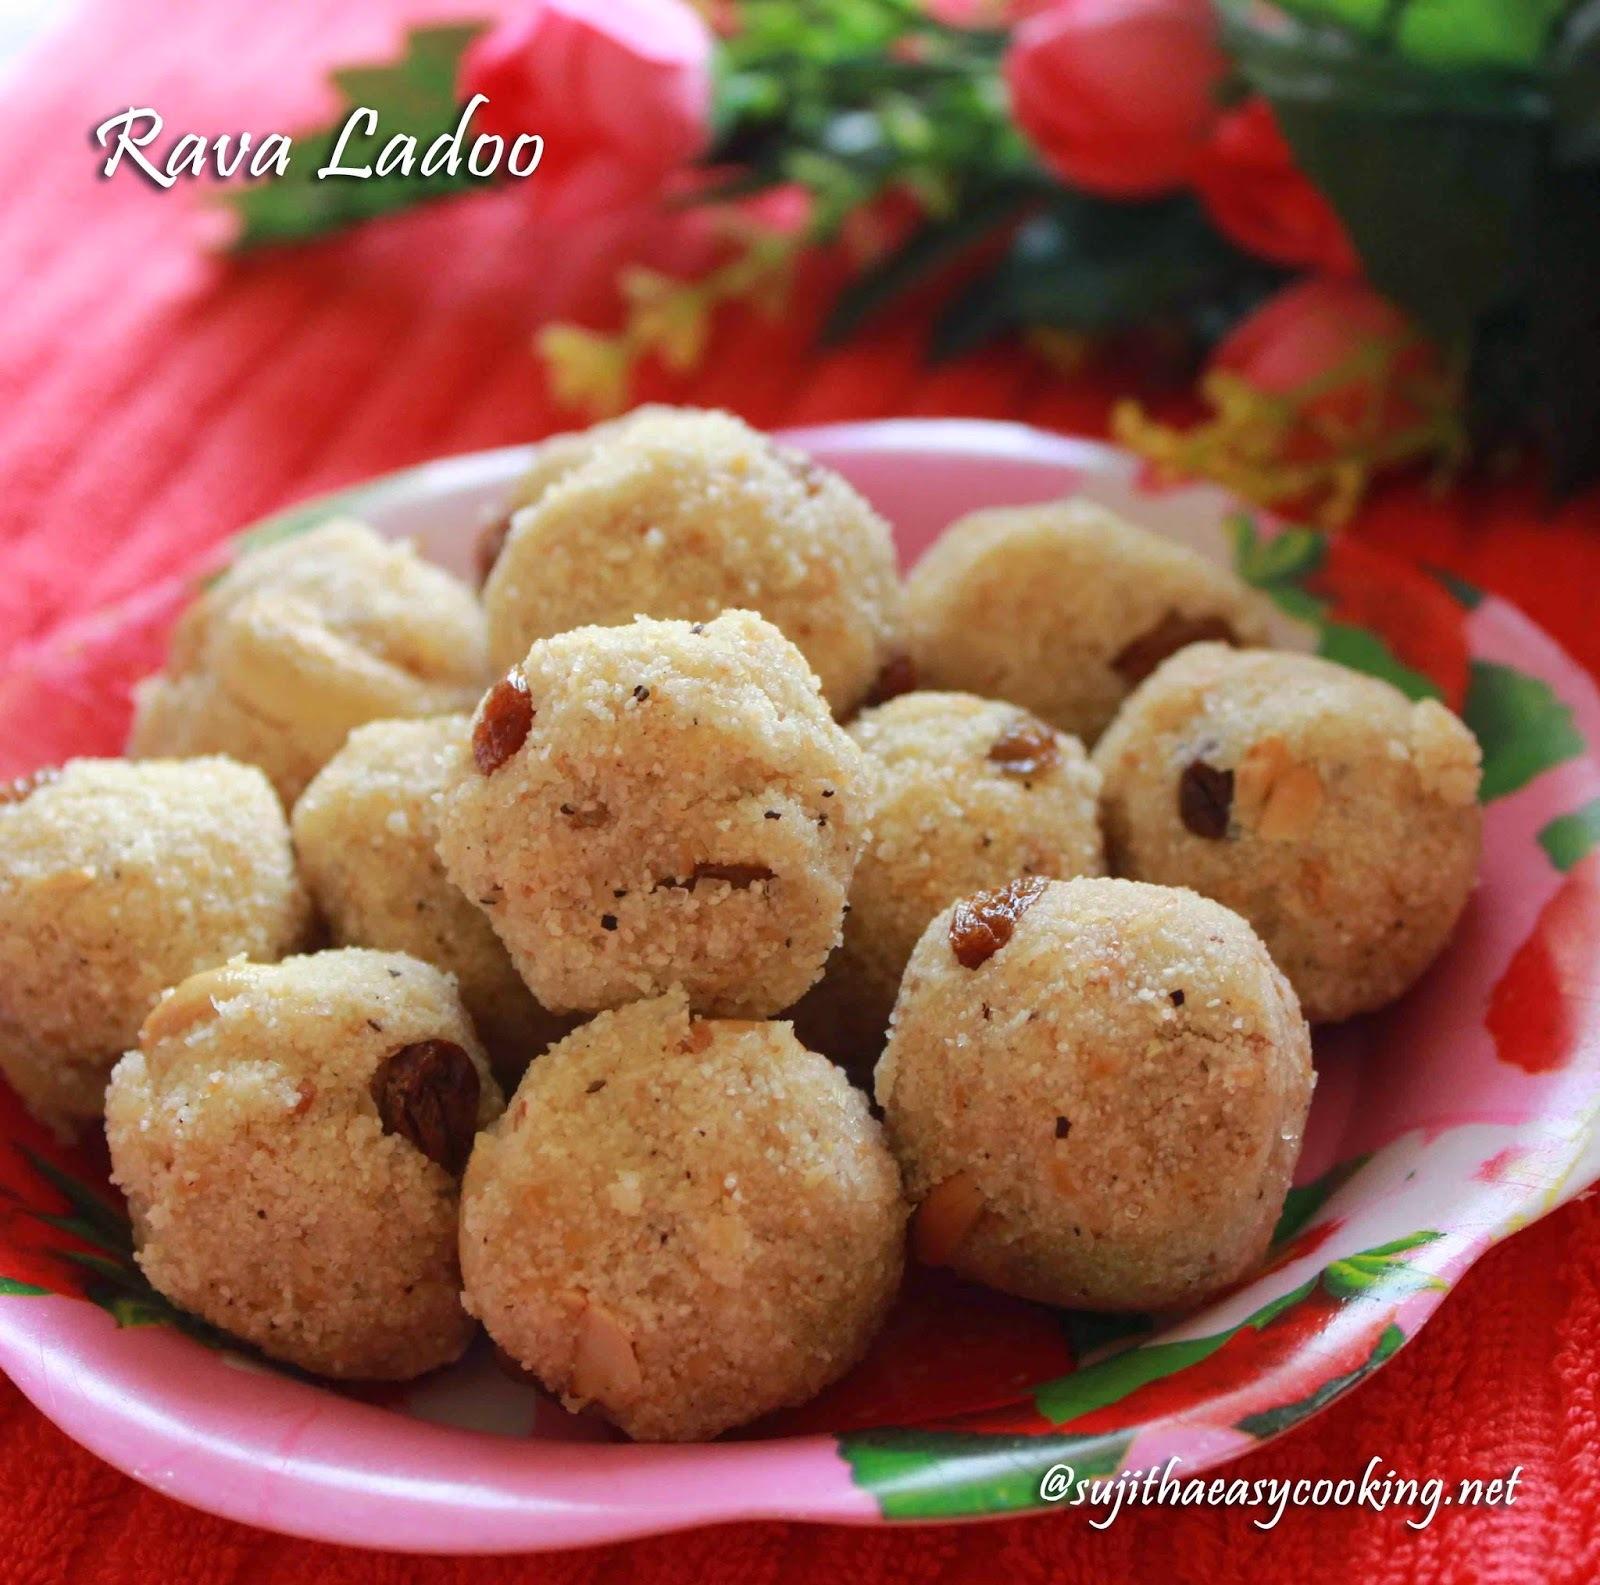 Rava Ladoo/Sooji Ladoo